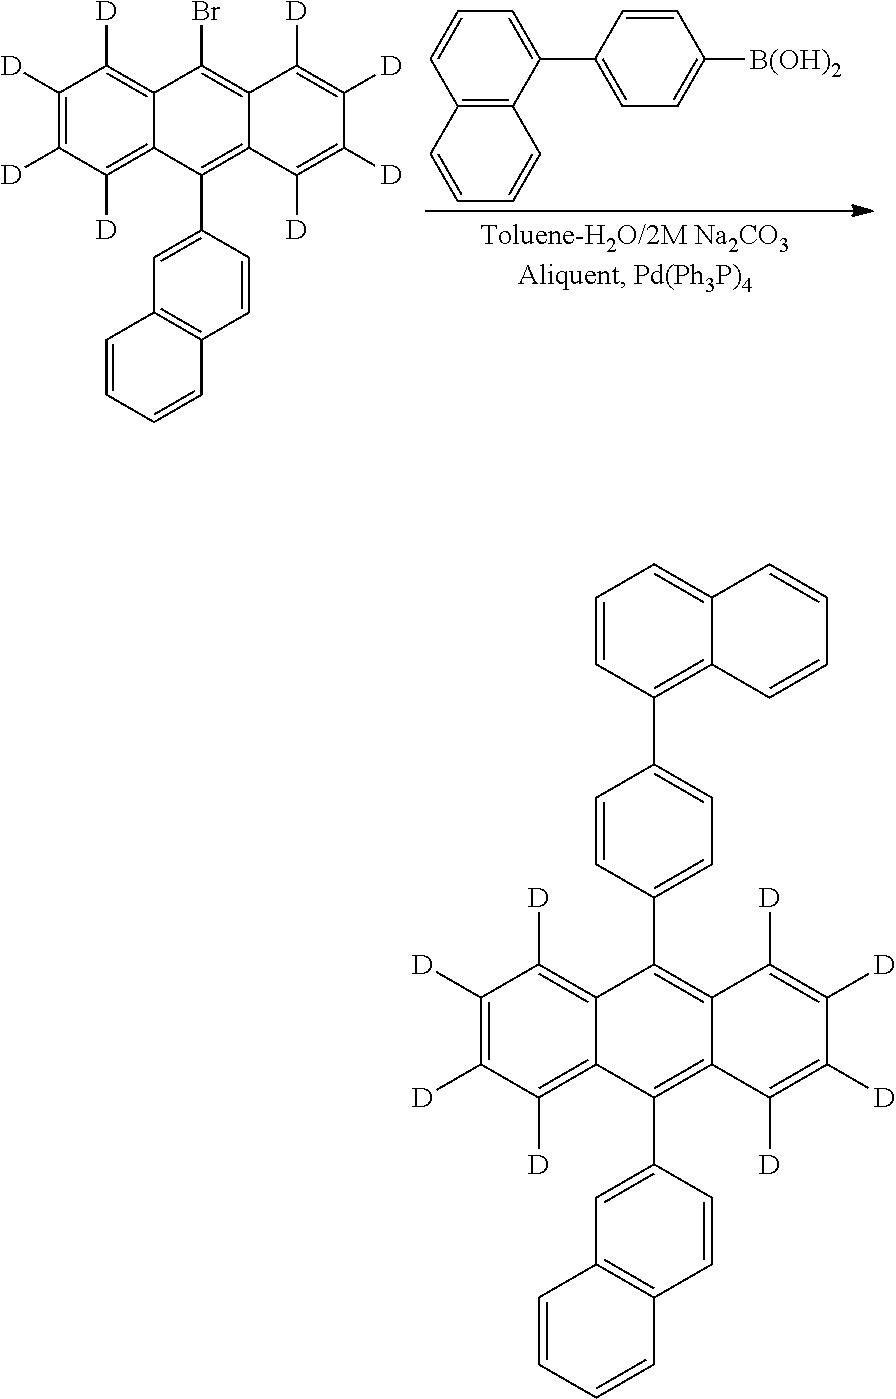 Figure US08890131-20141118-C00046